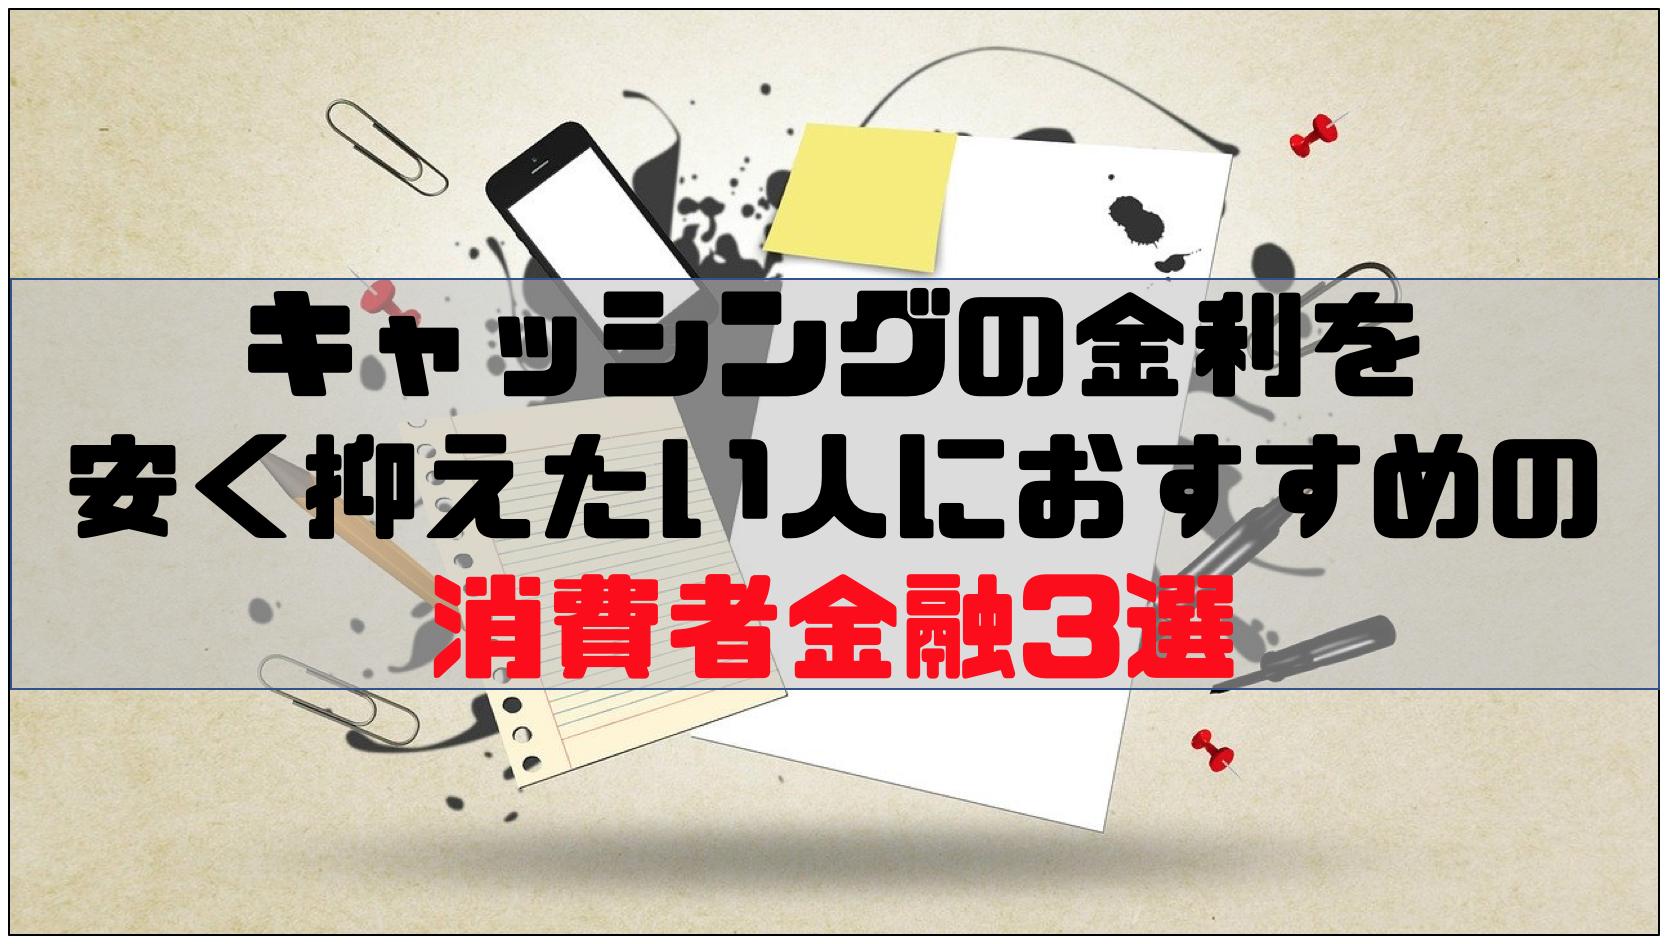 キャッシング_金利_おすすめの消費者金融